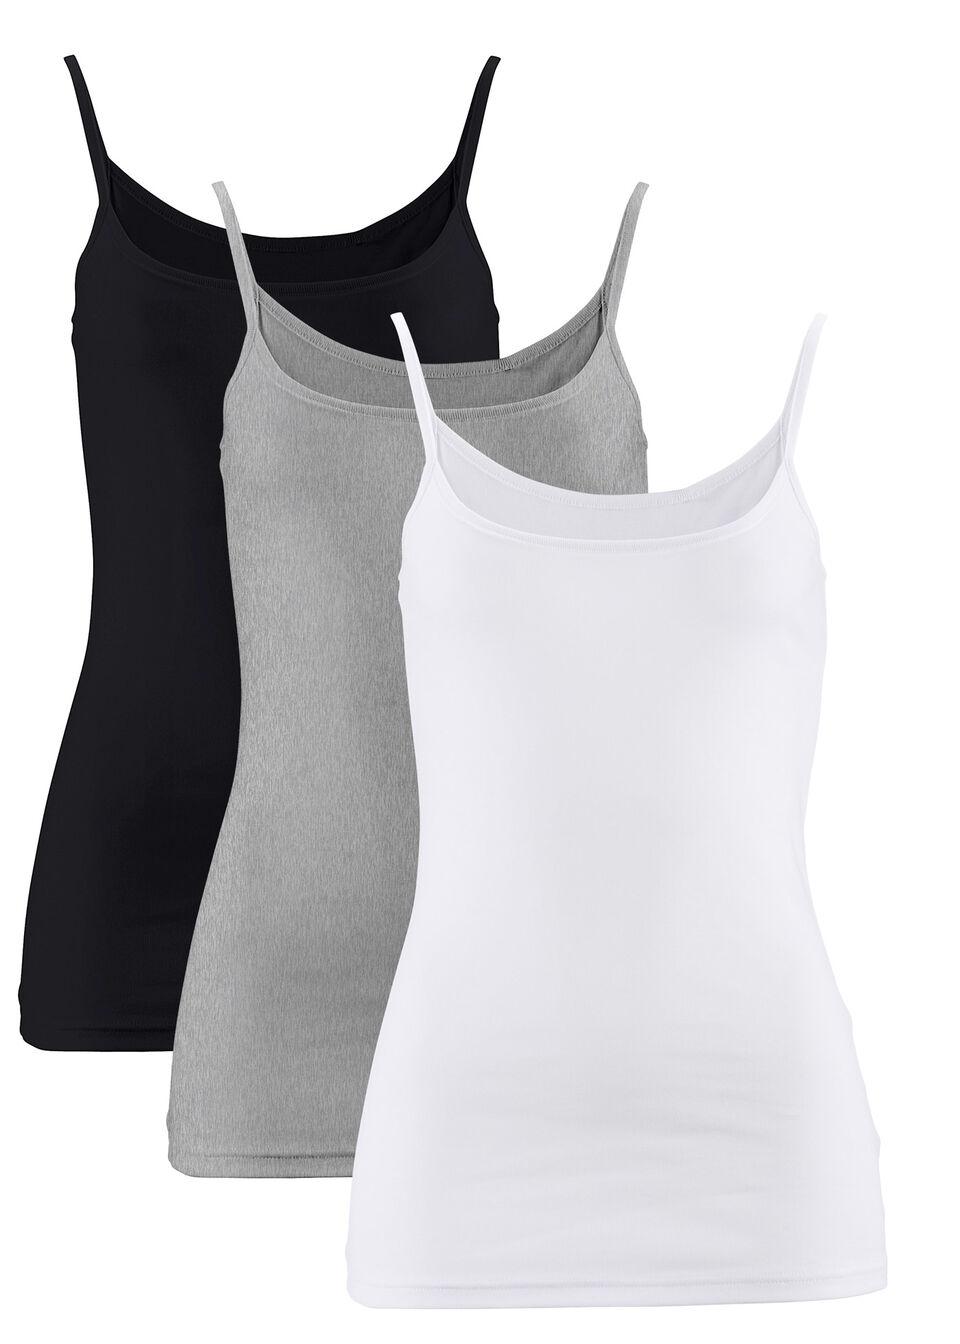 Фото - Топ на узких бретельках (3 шт.) от bonprix белый + черный + светло-цвета серый меланж